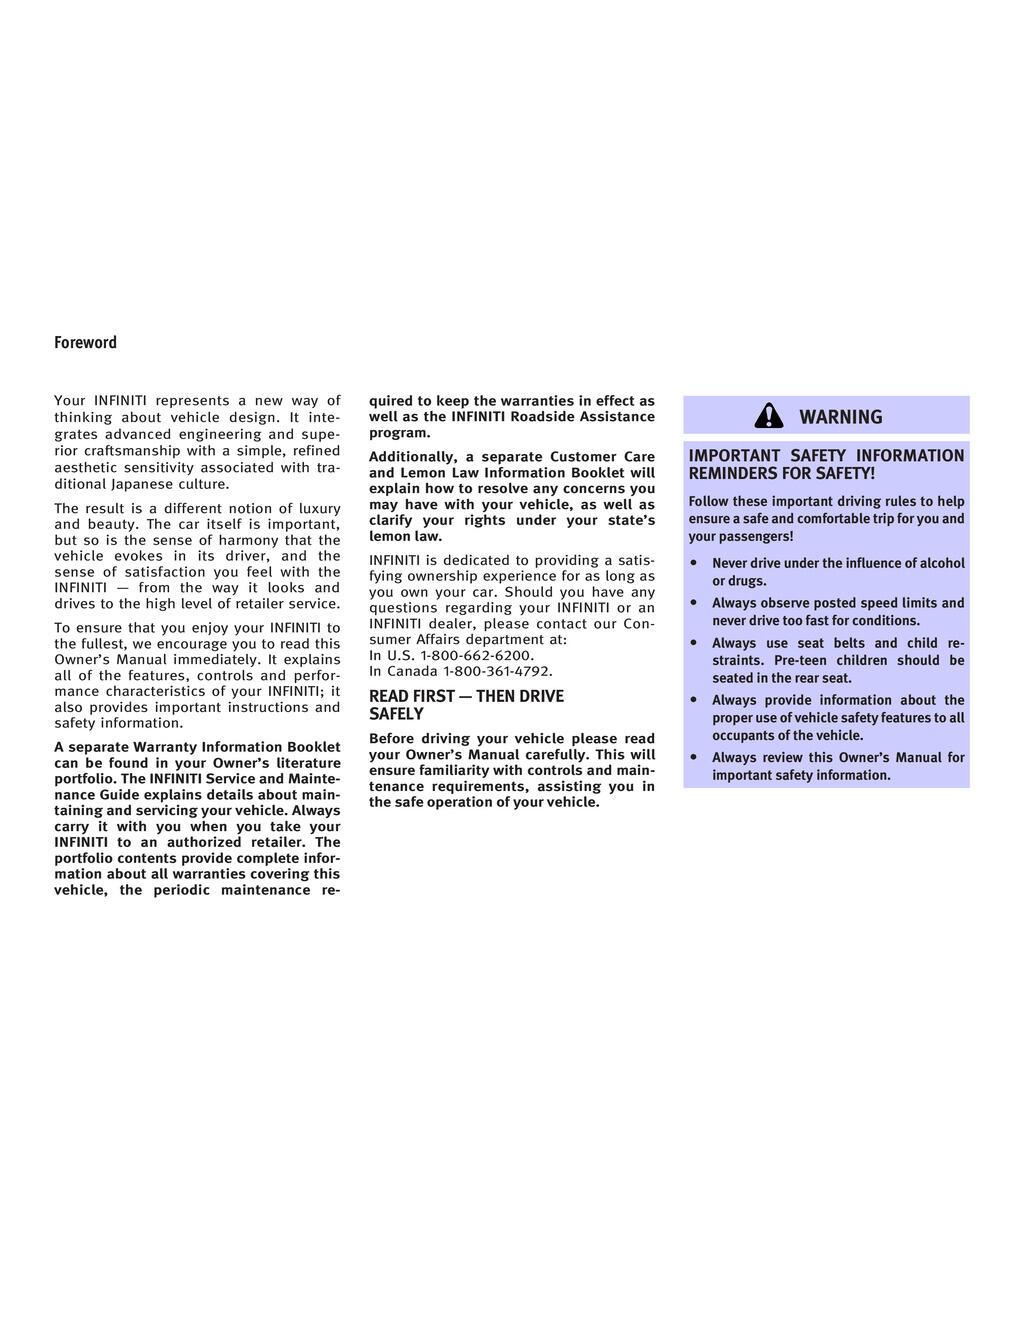 2006 Infiniti G35 owners manual